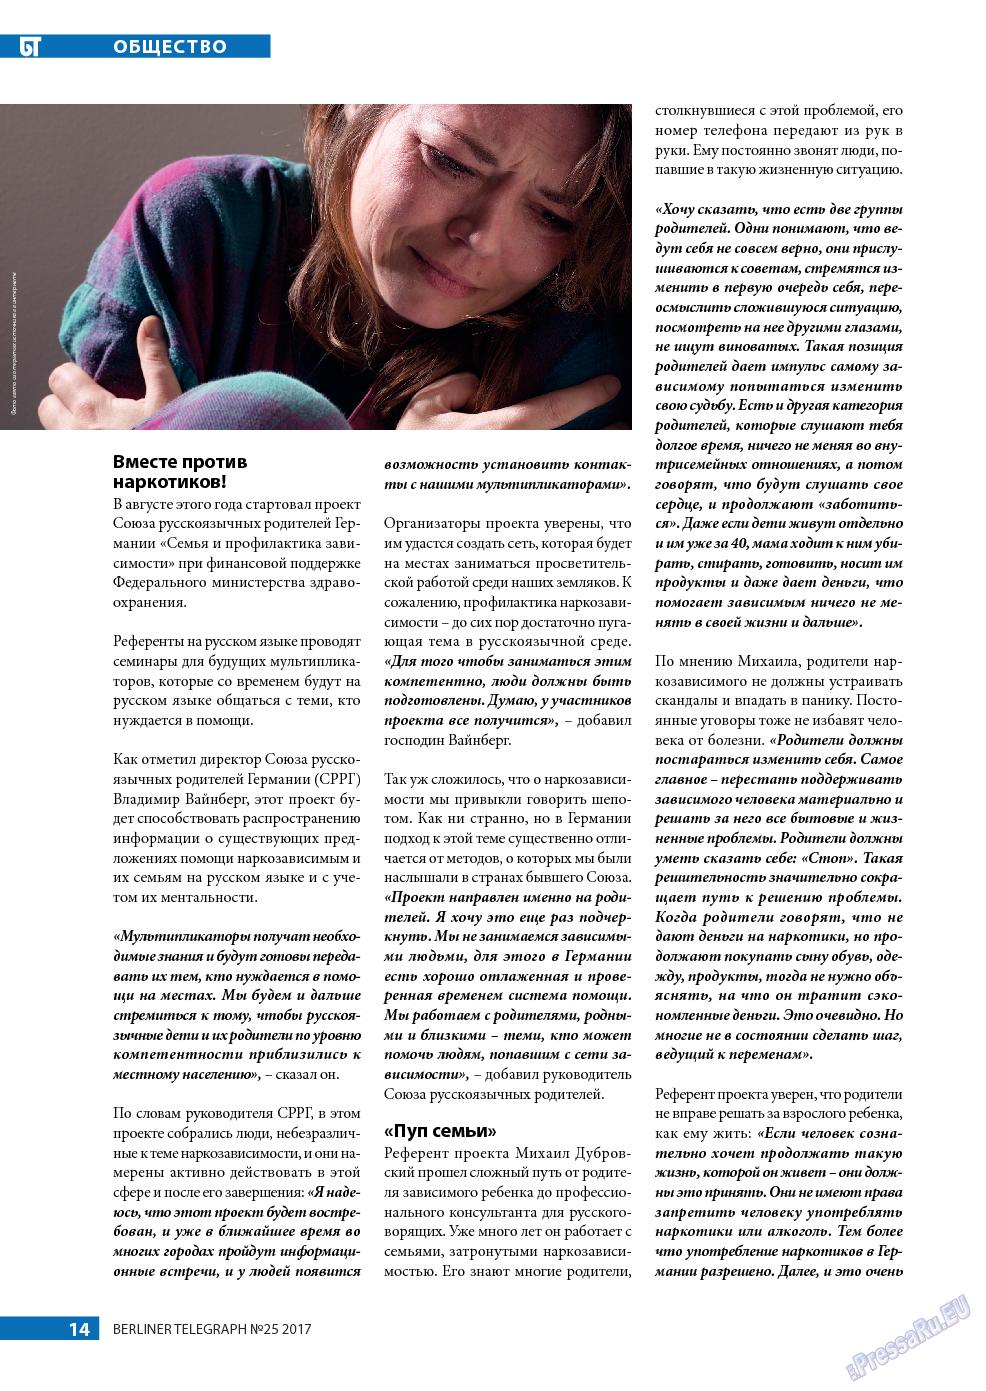 Берлинский телеграф (журнал). 2017 год, номер 25, стр. 14